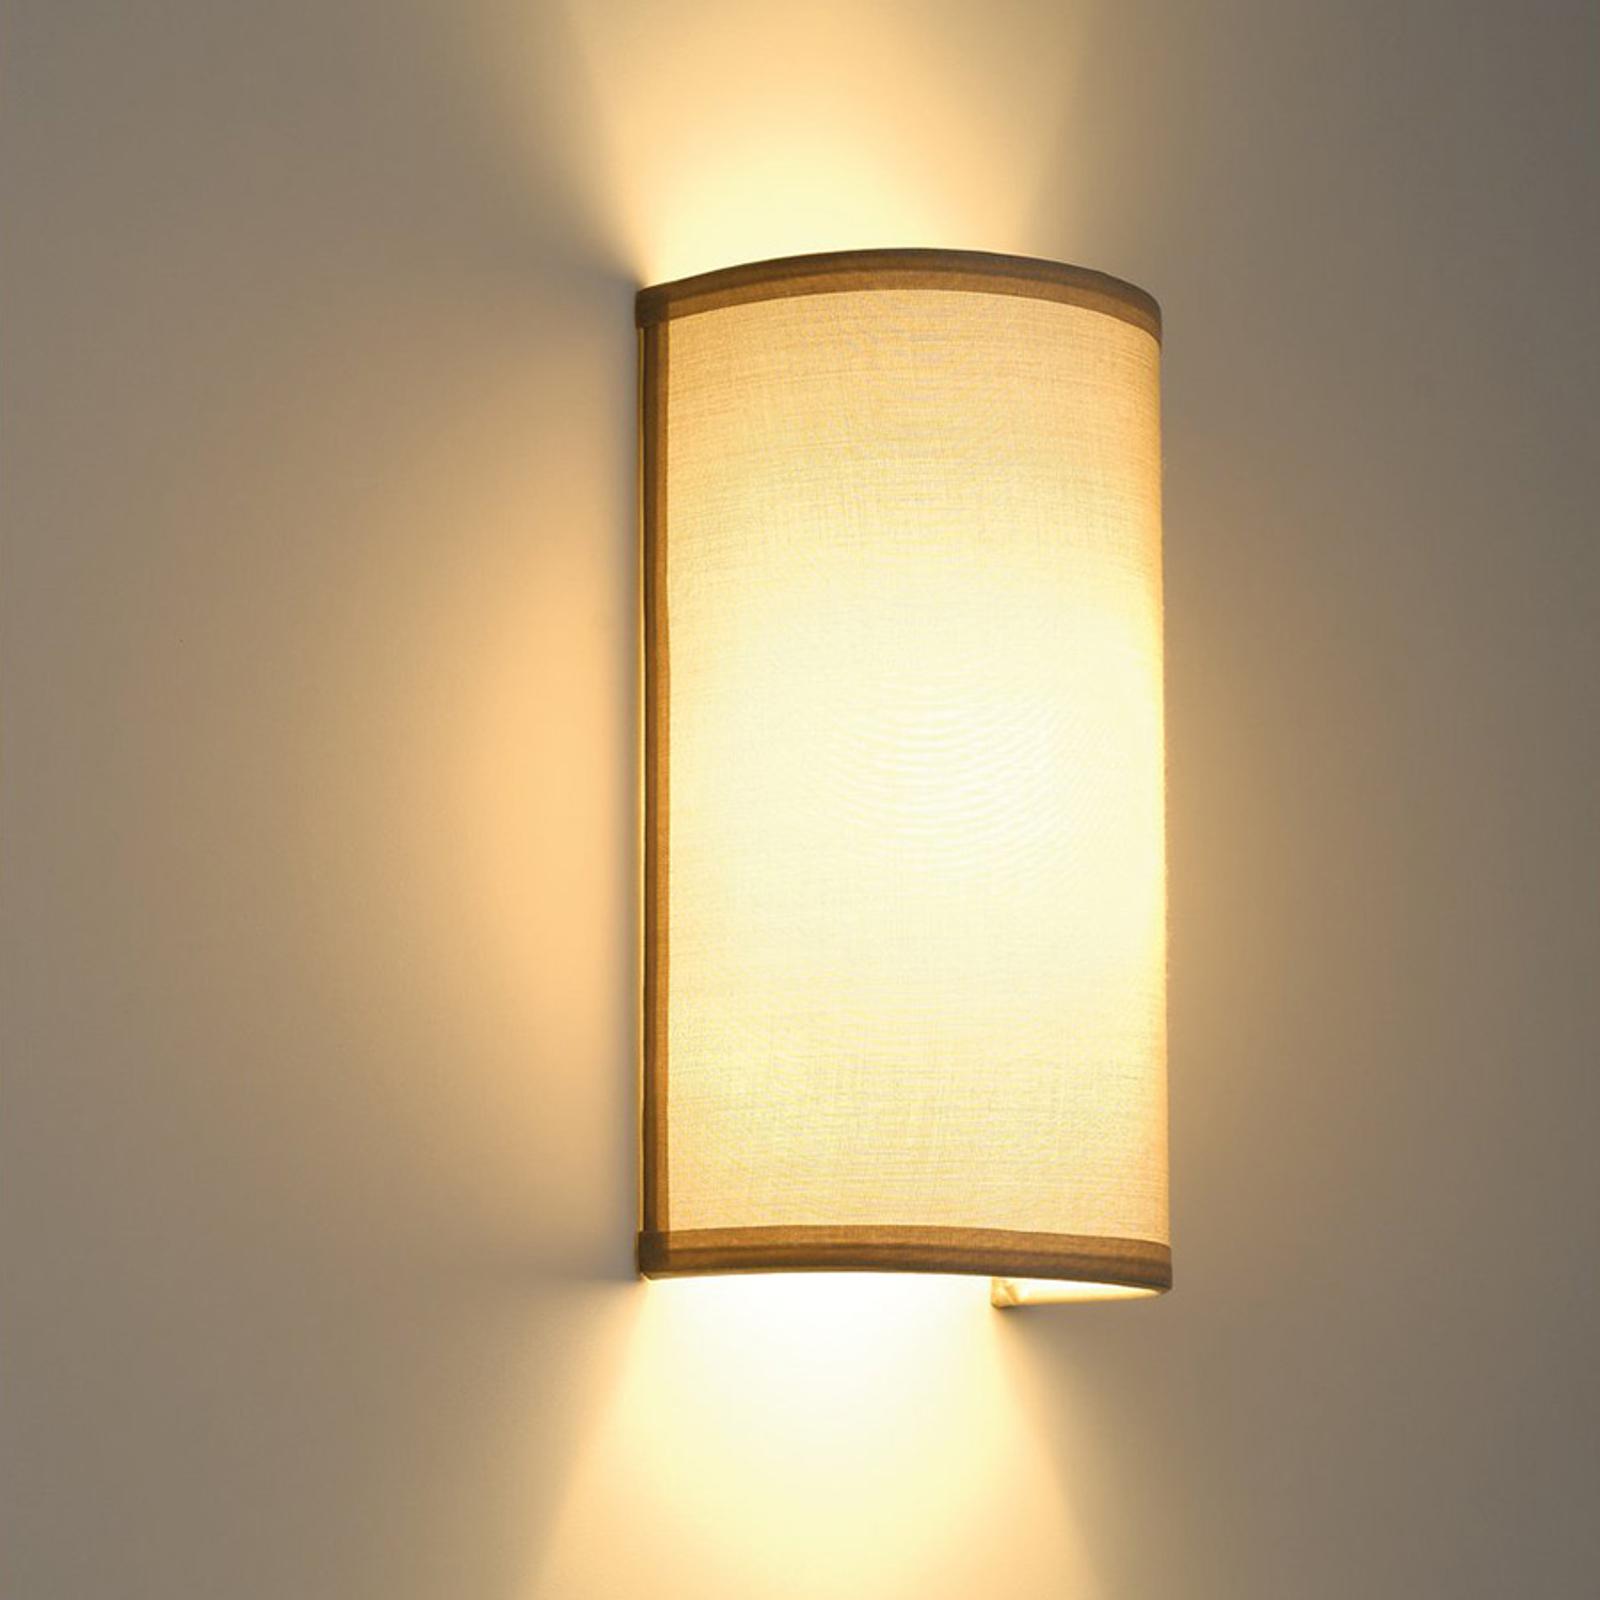 Zacht licht uitstralende wandlamp Soprana